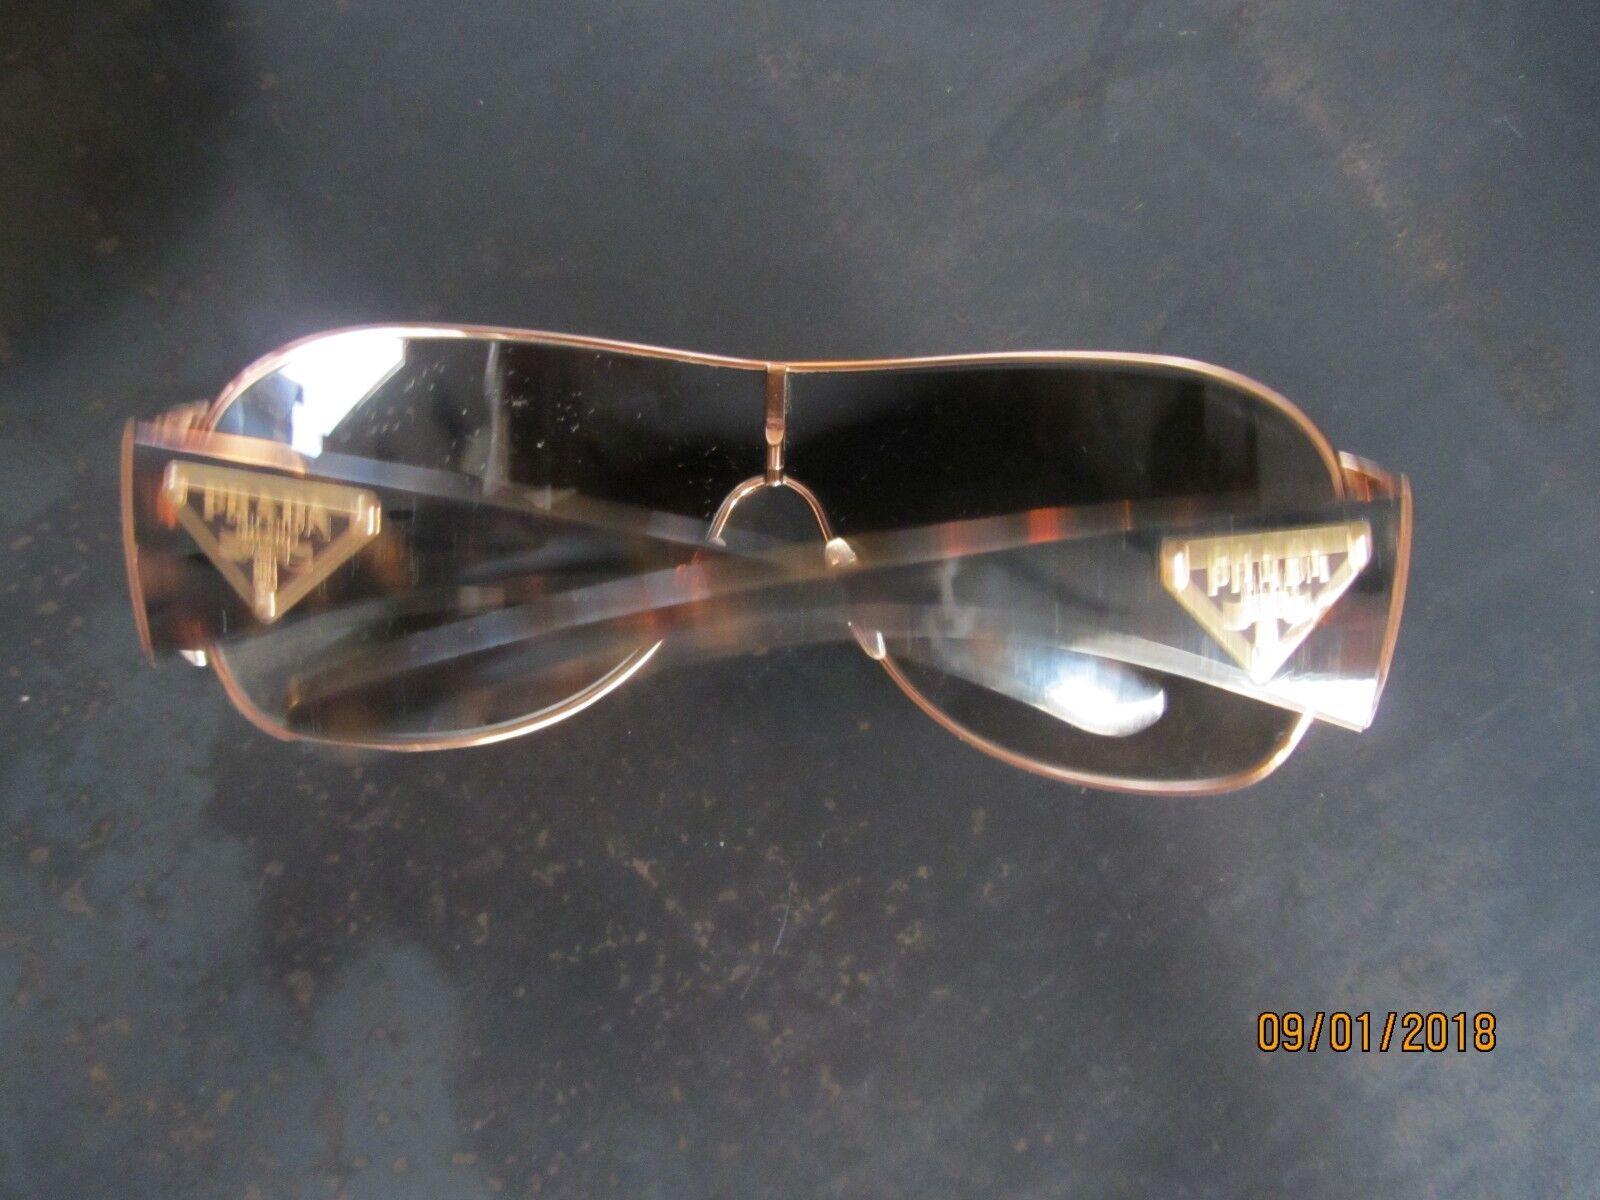 PRADA Sonnenbrille w  Triangle logo - 100% autentisch   | Deutschland Shops  | ein guter Ruf in der Welt  | Lebhaft